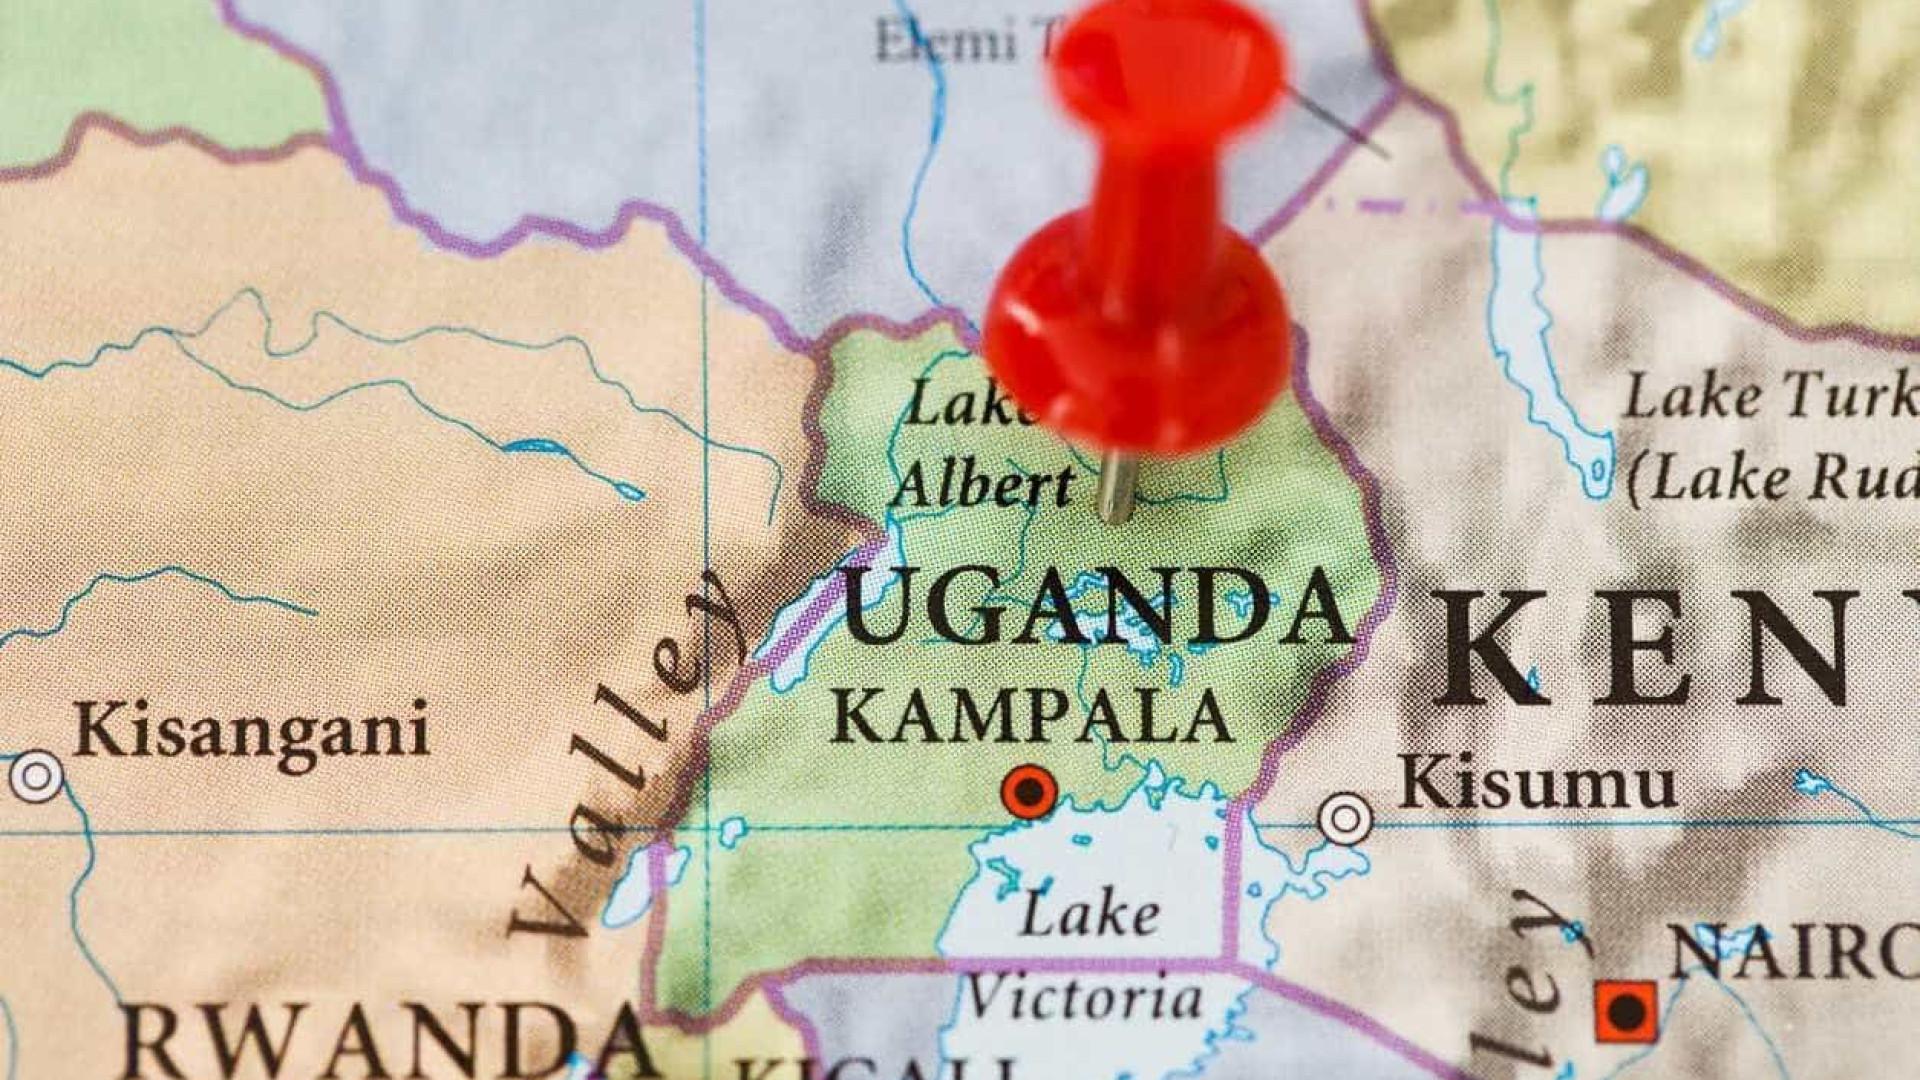 Dezenas de artistas pedem a libertação de deputado ugandês Bobi Wine